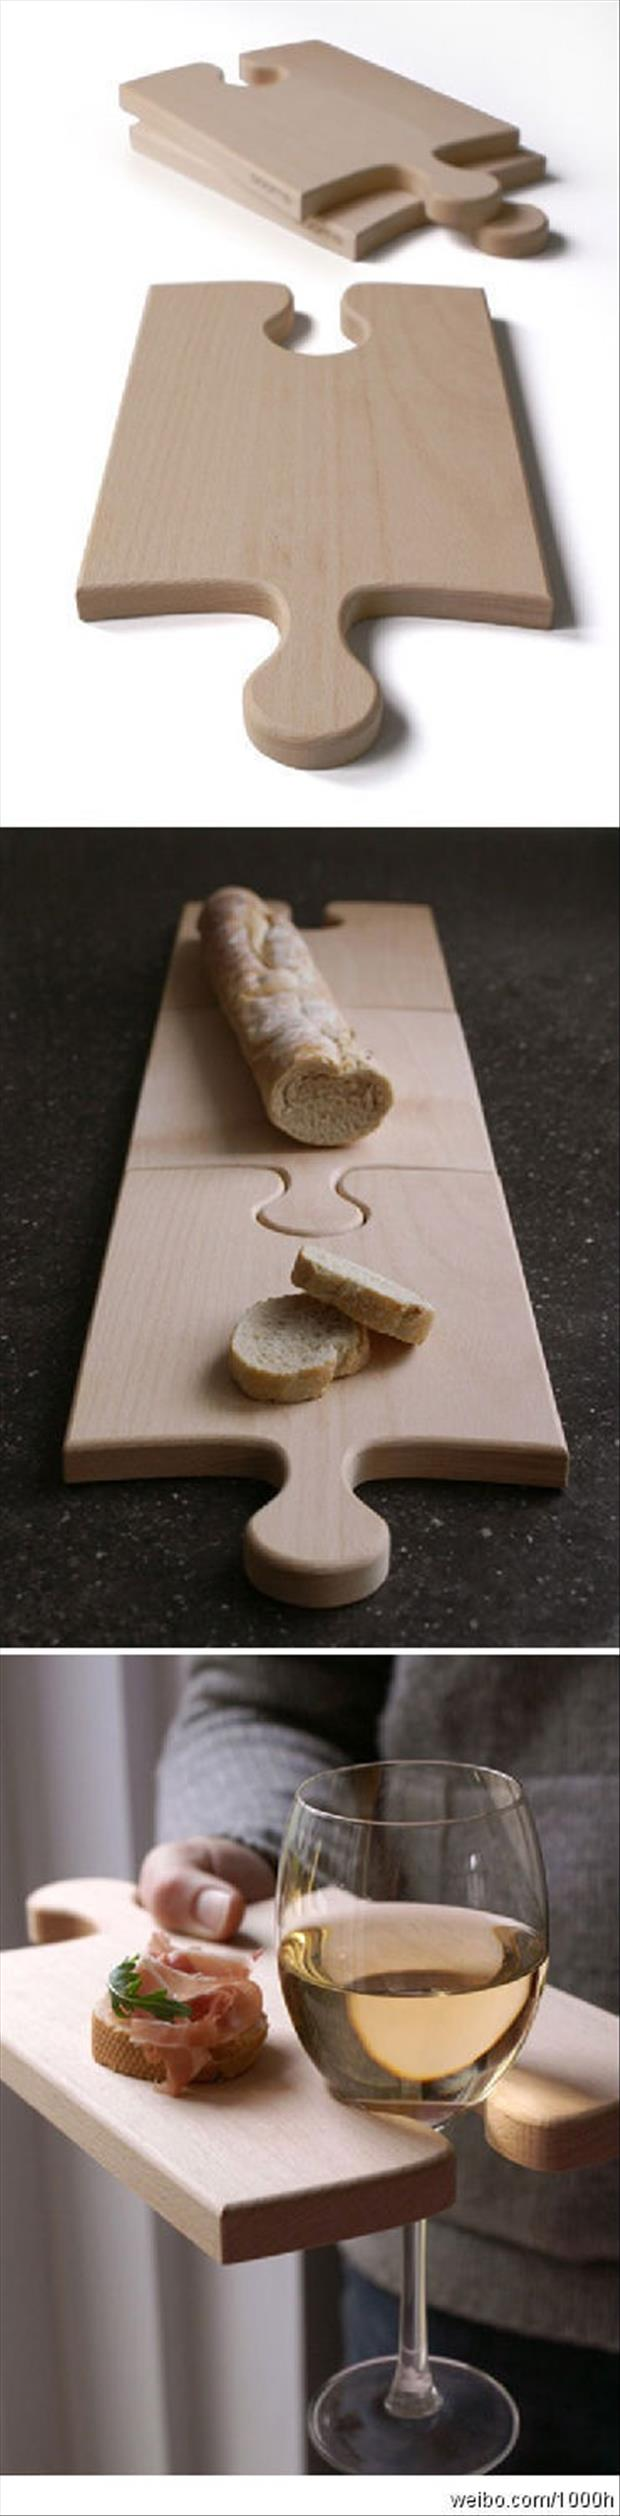 cutting board ideas